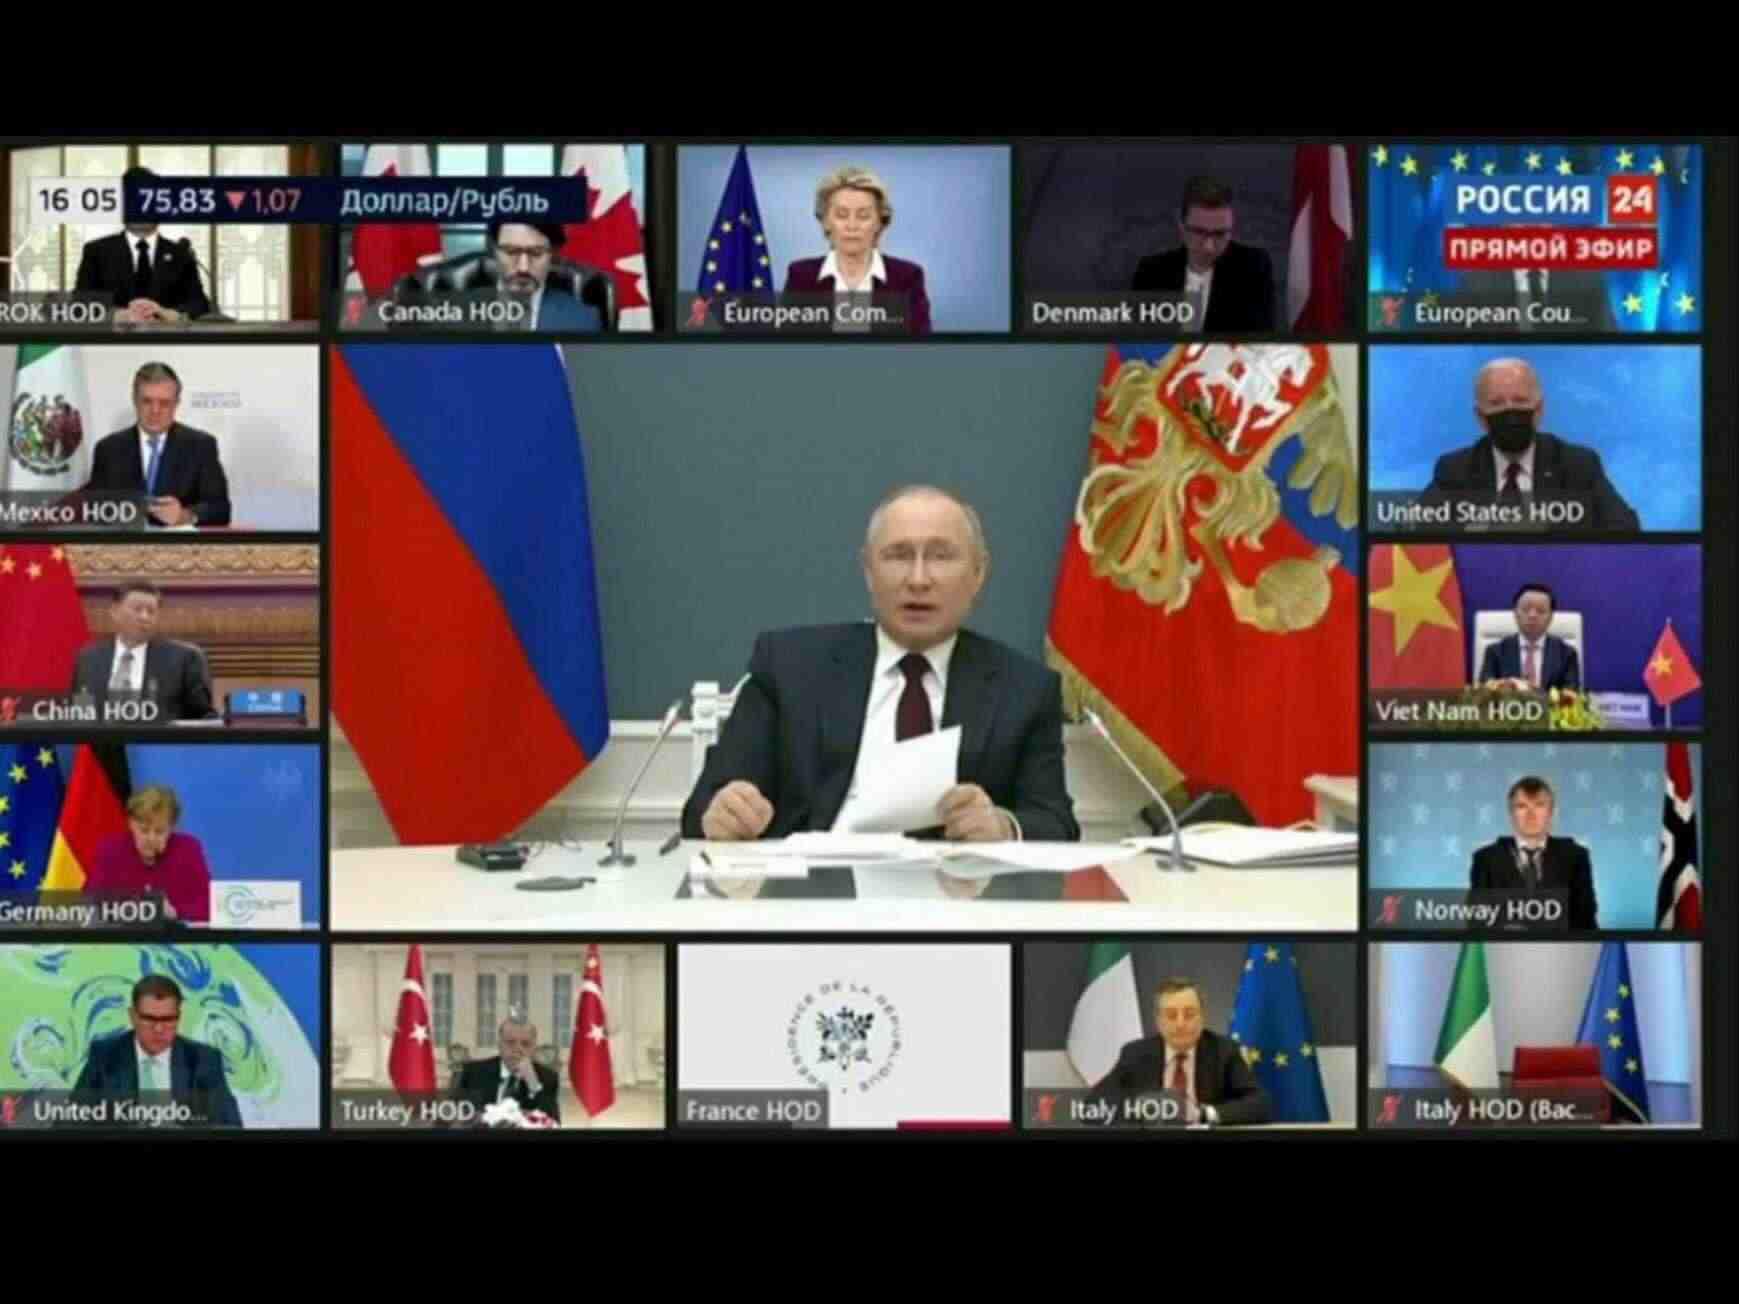 Biden Mask Videoconference